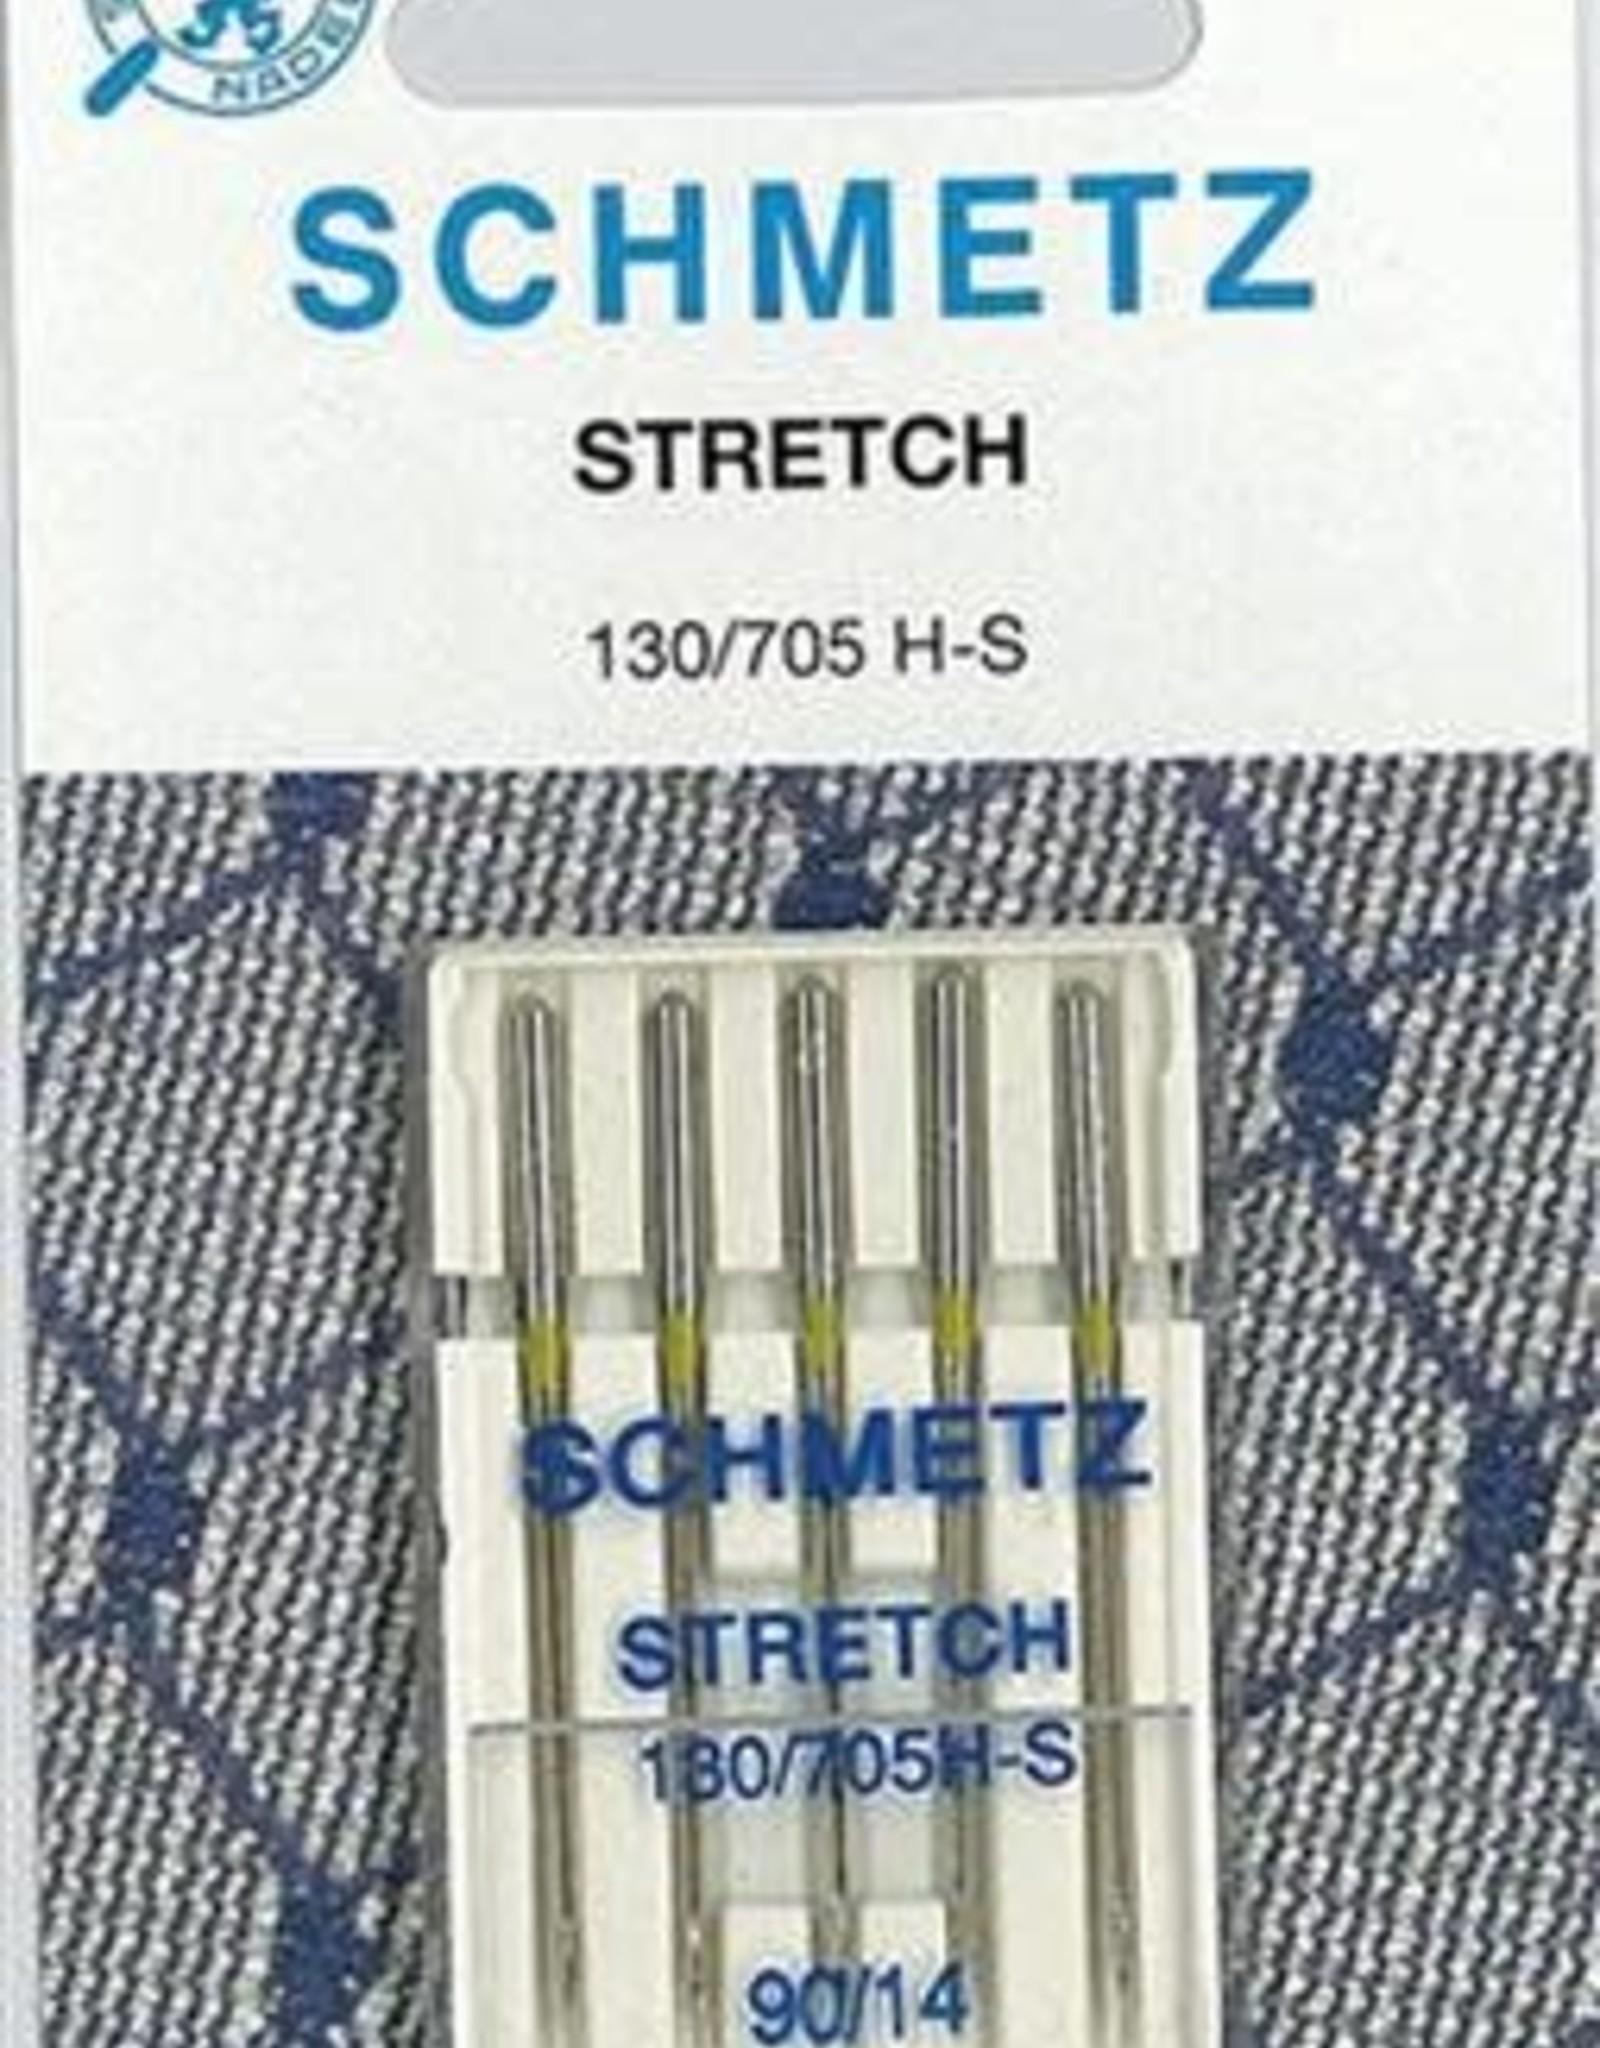 Schmetz MACHINENAALD STRETCH n°90 5st